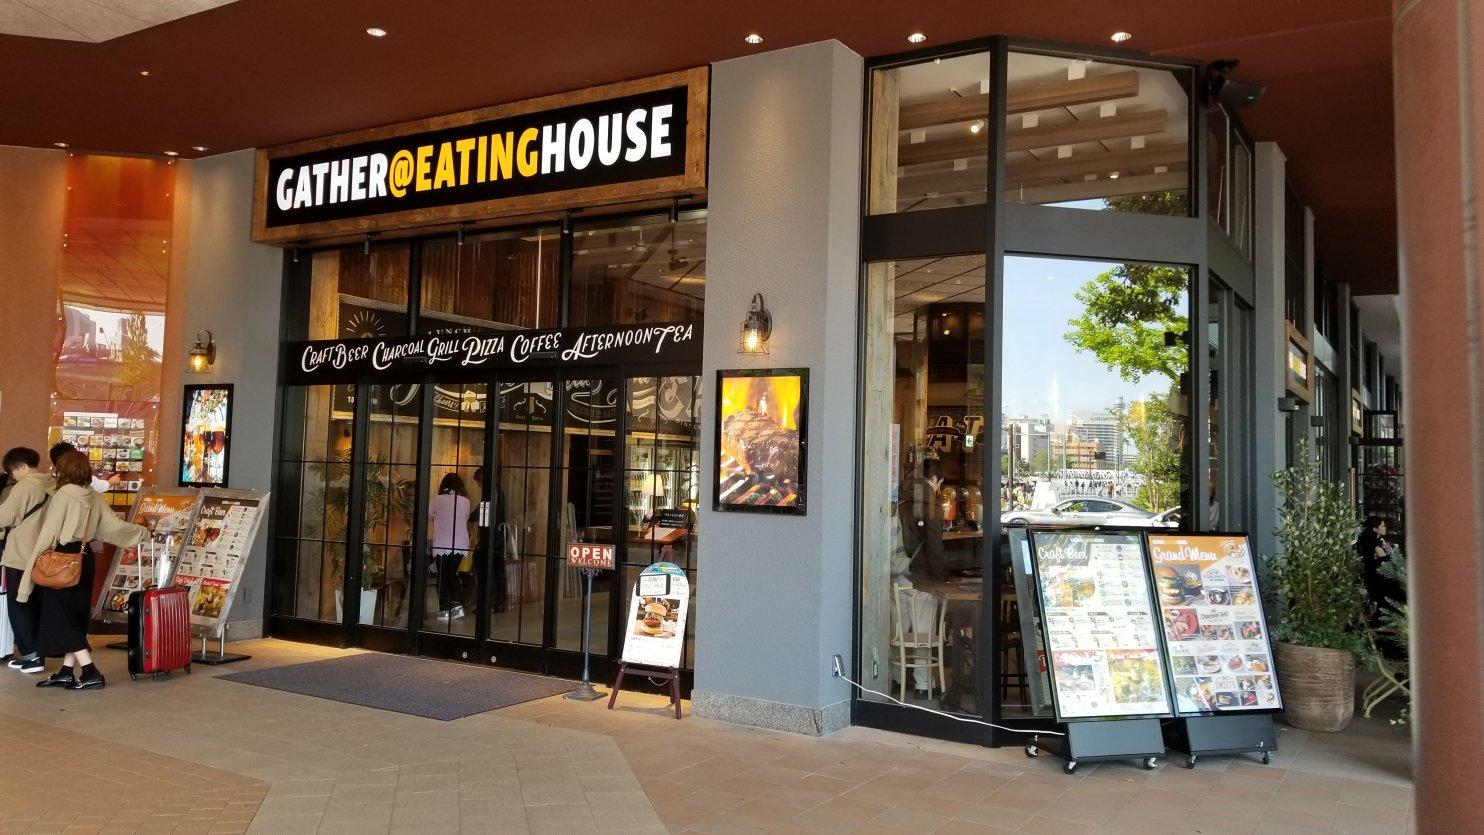 Gather @ Eating House Front・ギャザー イーティングハウスフロント